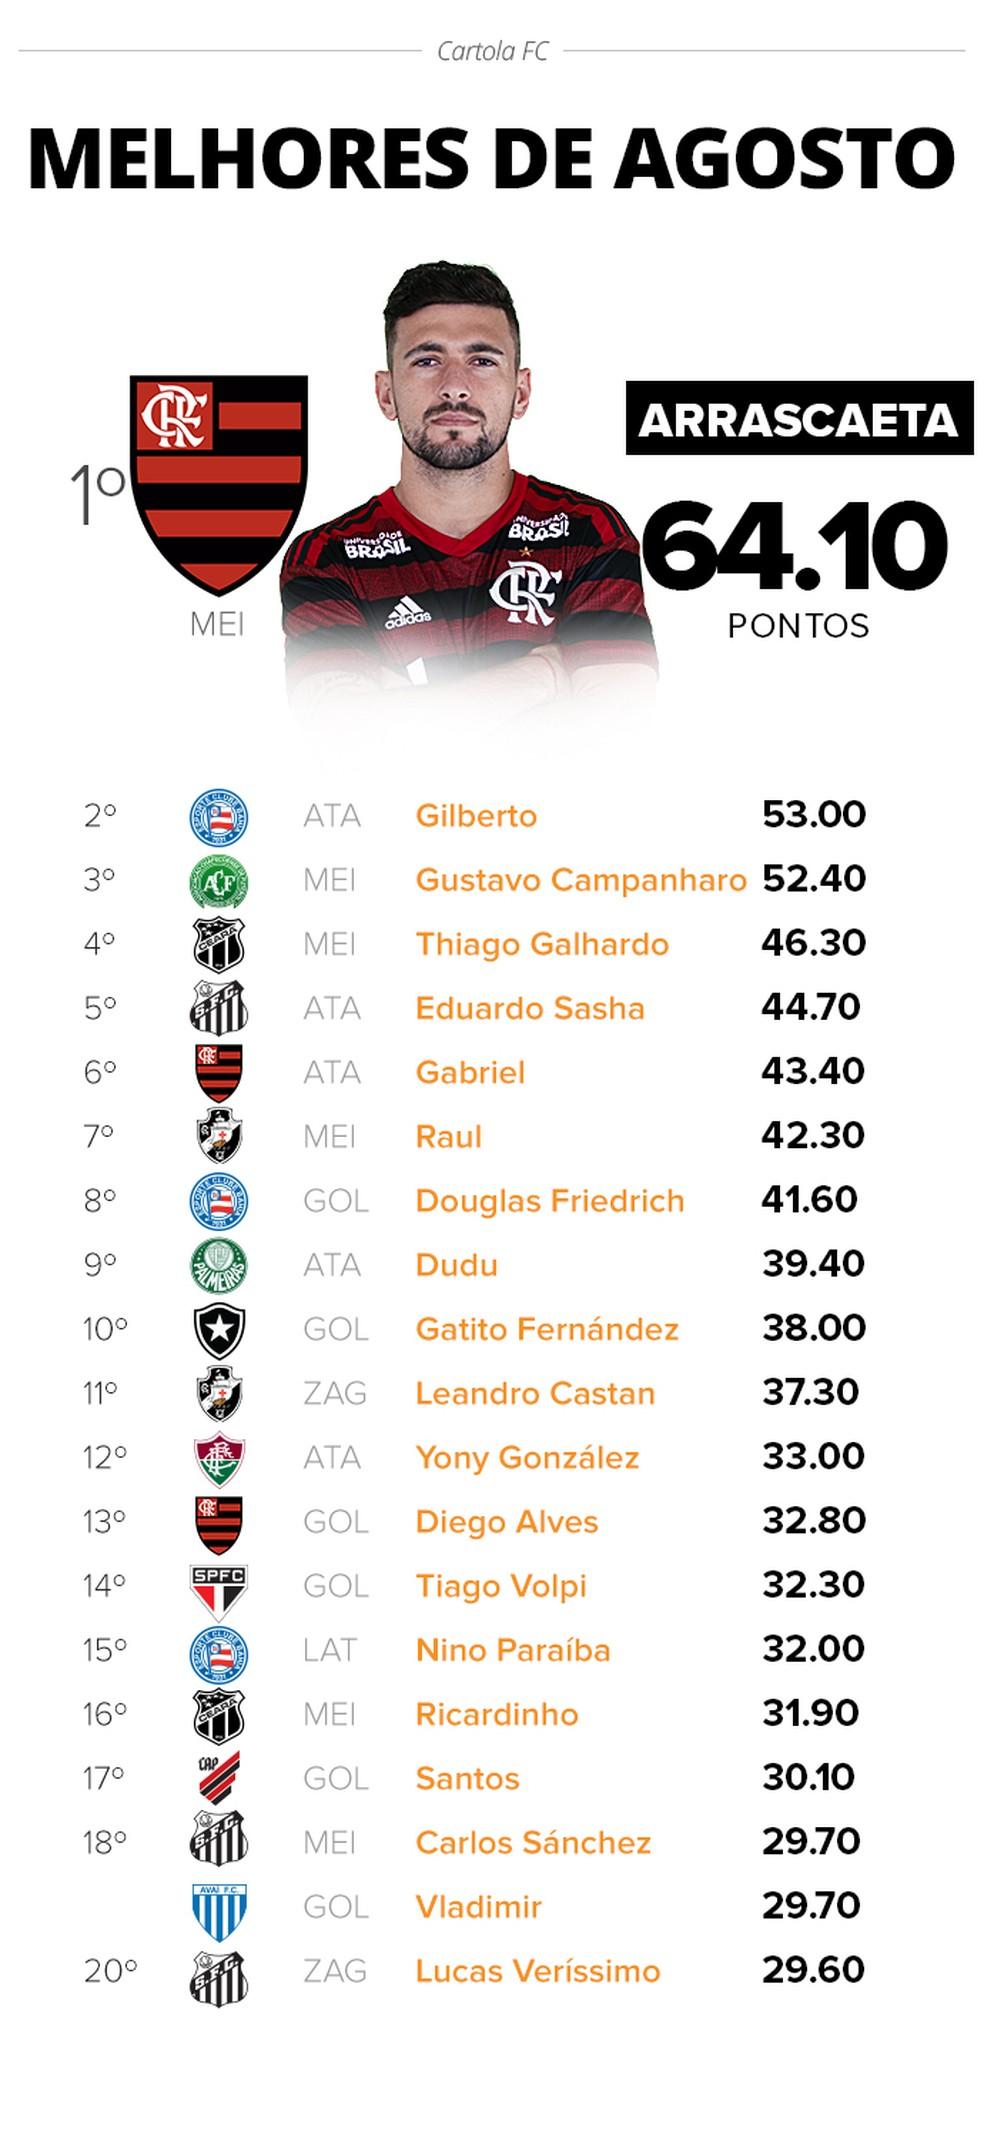 Arrascaeta lidera lista dos maiores pontuadores do Cartola em agosto — Foto: Infoesporte